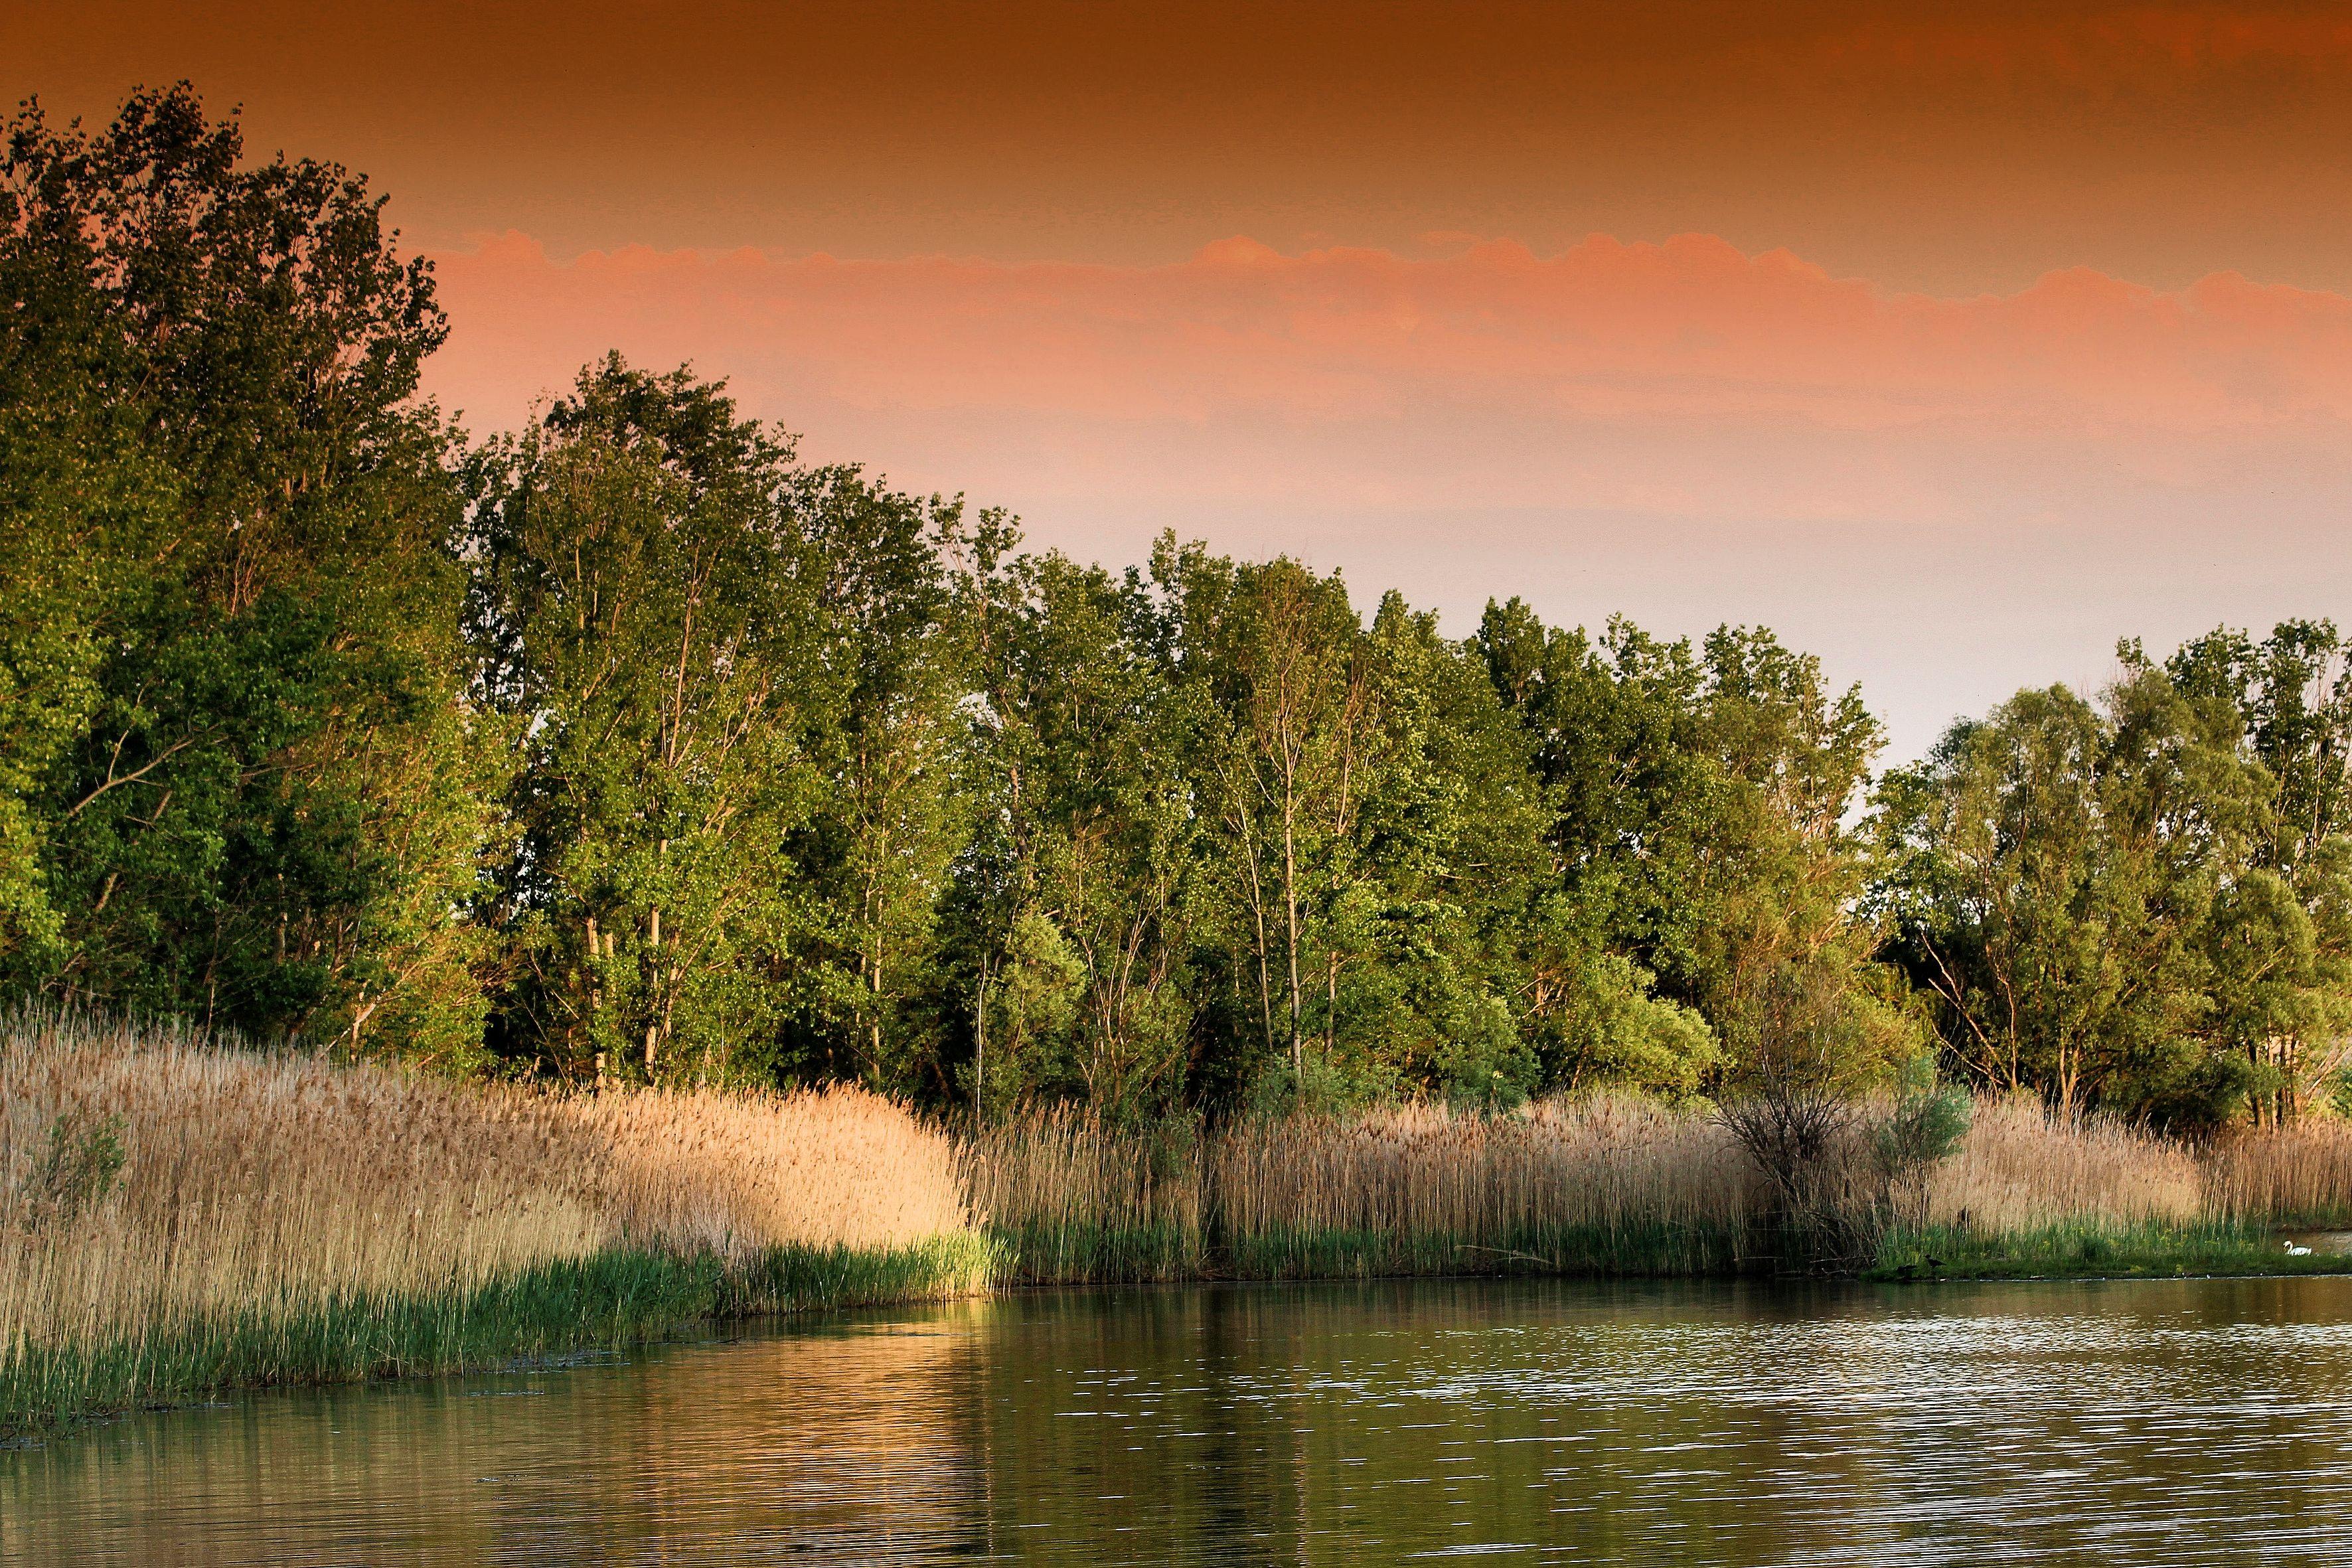 78018 Заставки и Обои Трава на телефон. Скачать Природа, Закат, Озеро, Трава, Деревья картинки бесплатно